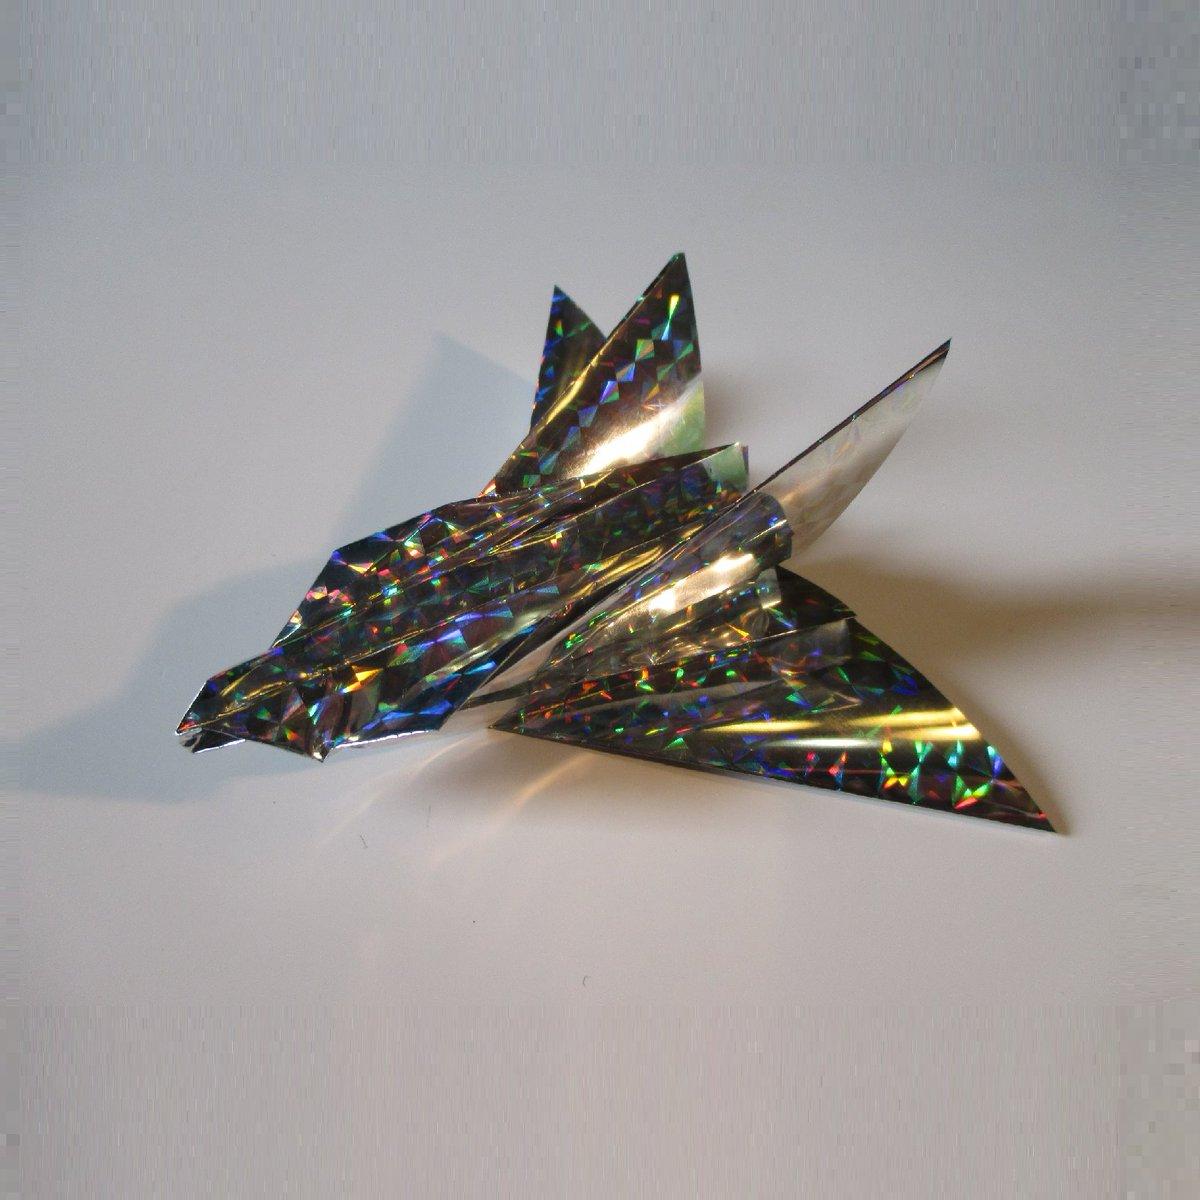 聖書《 わたし(イエス)に味方しない者はわたしに敵対し、わたしとともに集めない者は散らしているのです。 マタイ12:30》 #origami  #折り紙 #おりがみ飛行機 #折紙 #アート #折り紙作品  #架空機 #創作 #art  #紙飛行機  #paperplanes #Original #紙ヒコーキ #ORIGAMIAIRPLANE #みことば 作品紹介! https://t.co/InDBHt3ZTg